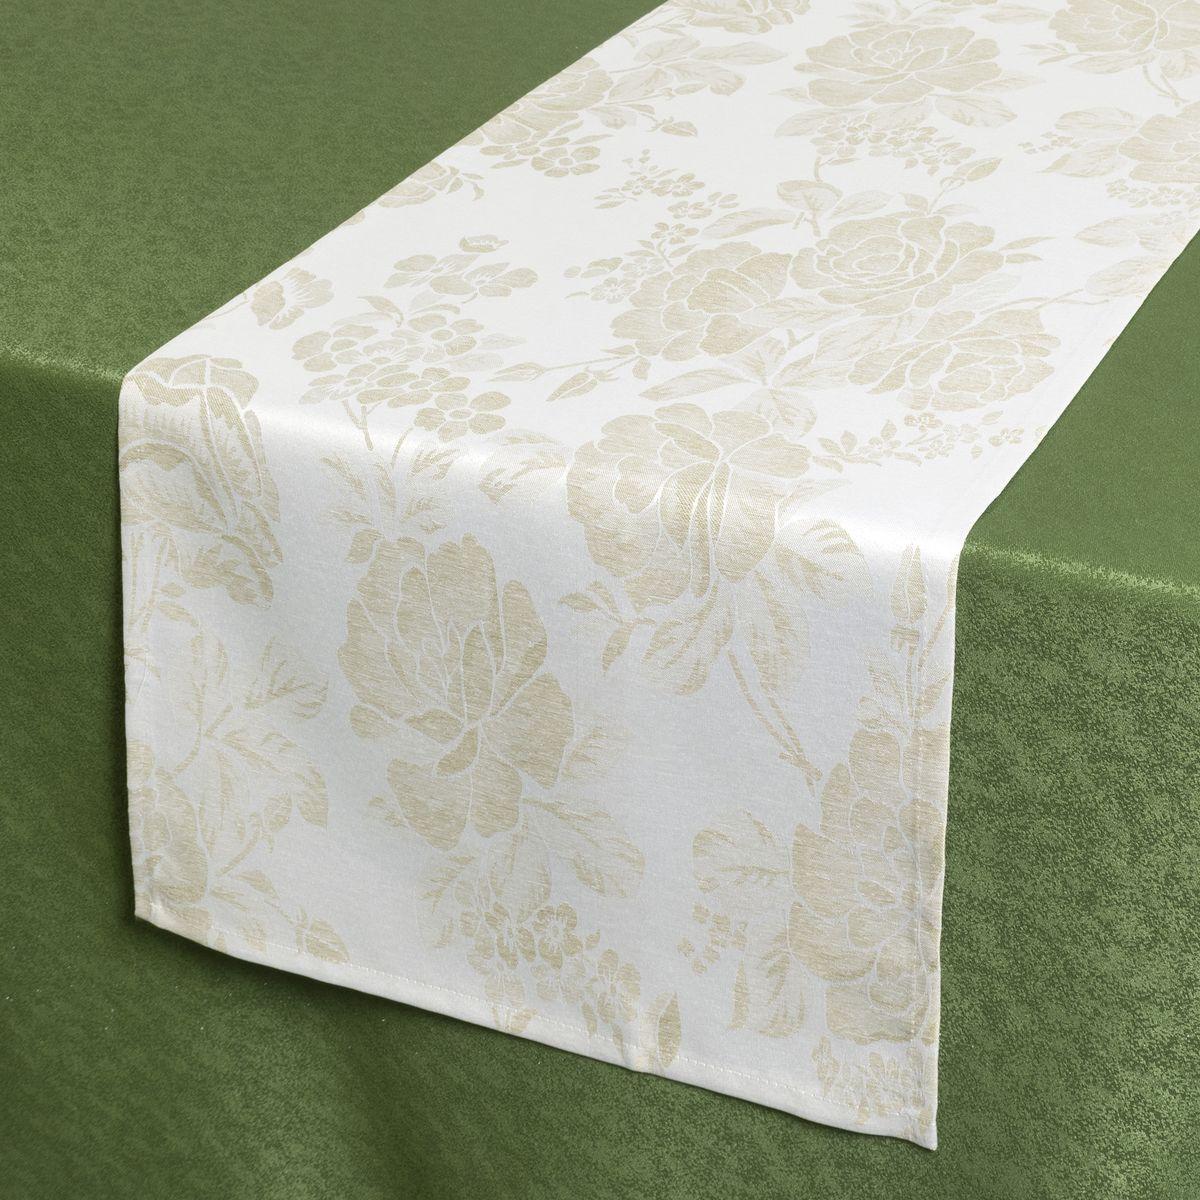 Дорожка для декорирования стола Schaefer, 40 х 140 см. 07837-21107837-211Дорожка для декорирования стола Schaefer может быть использована, как основной элемент,так и дополнение для создания уюта и романтического настроения. Дорожка выполнена из полиэстера. Изделие легко стирать: оно не мнется, не садится и быстросохнет, более долговечно, чем изделие из натуральных волокон. Материал: 100% полиэстер. Размер: 40 х 140 см.